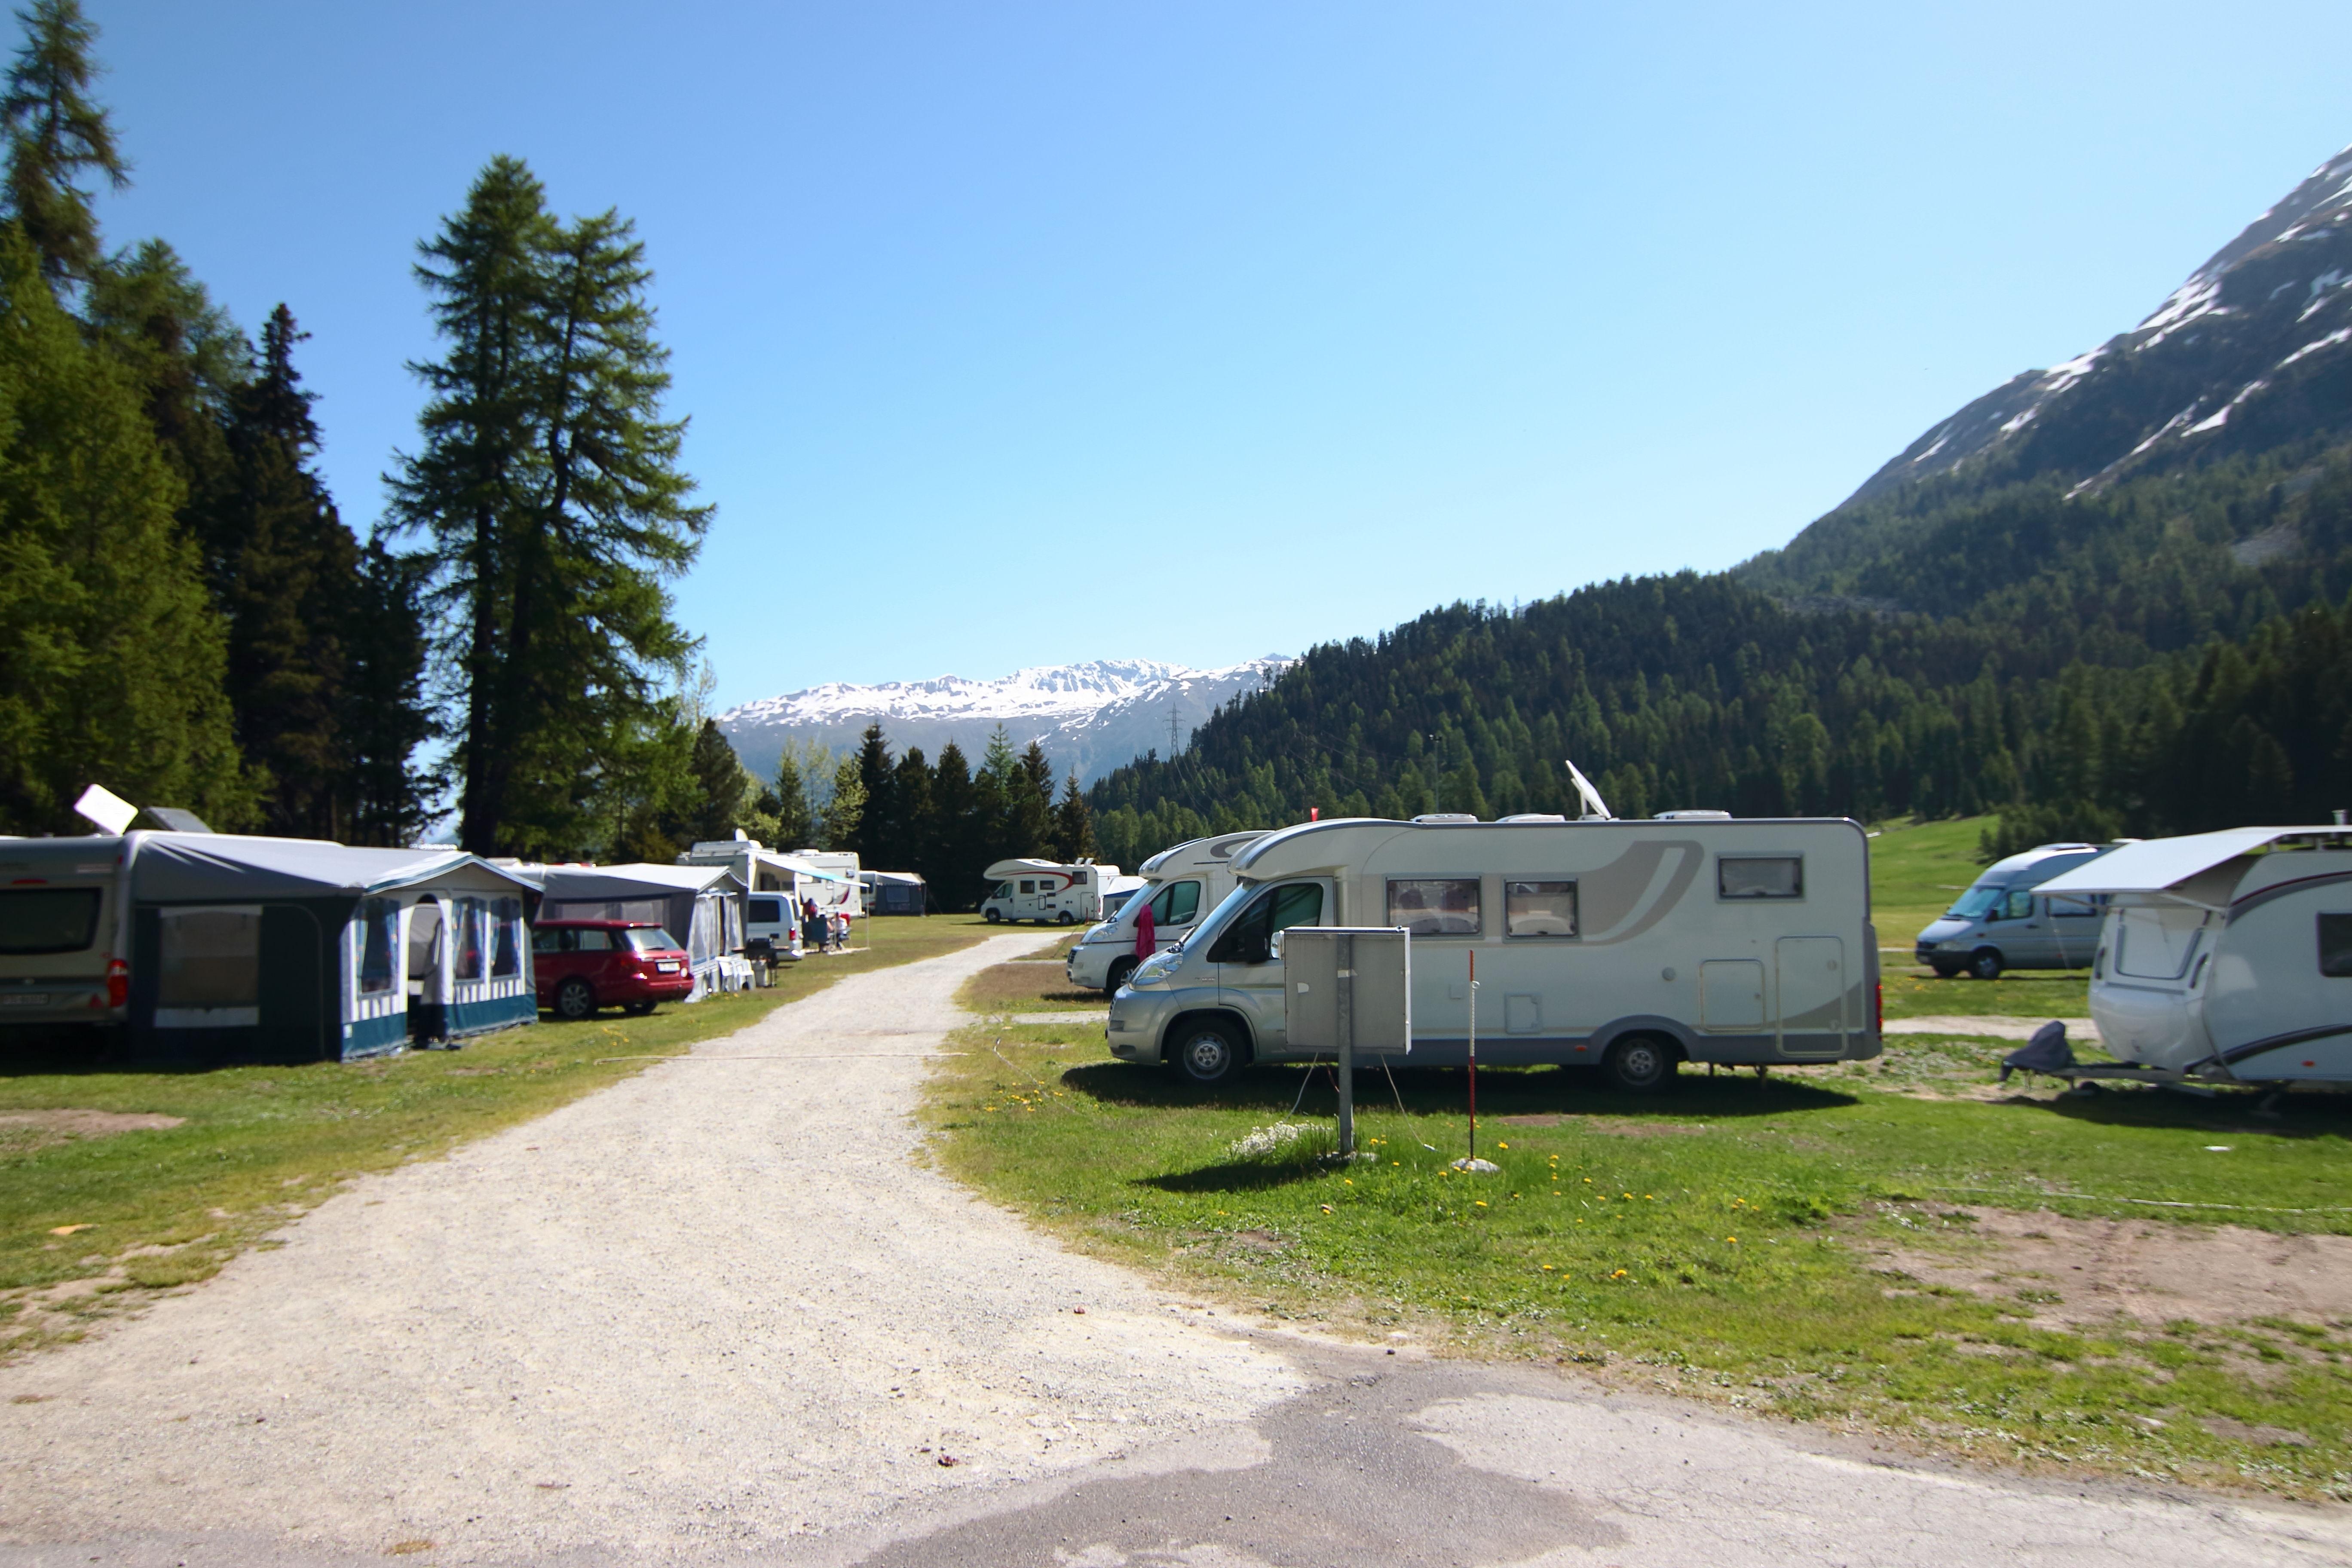 TCS Camping St. Moritz Slide 3